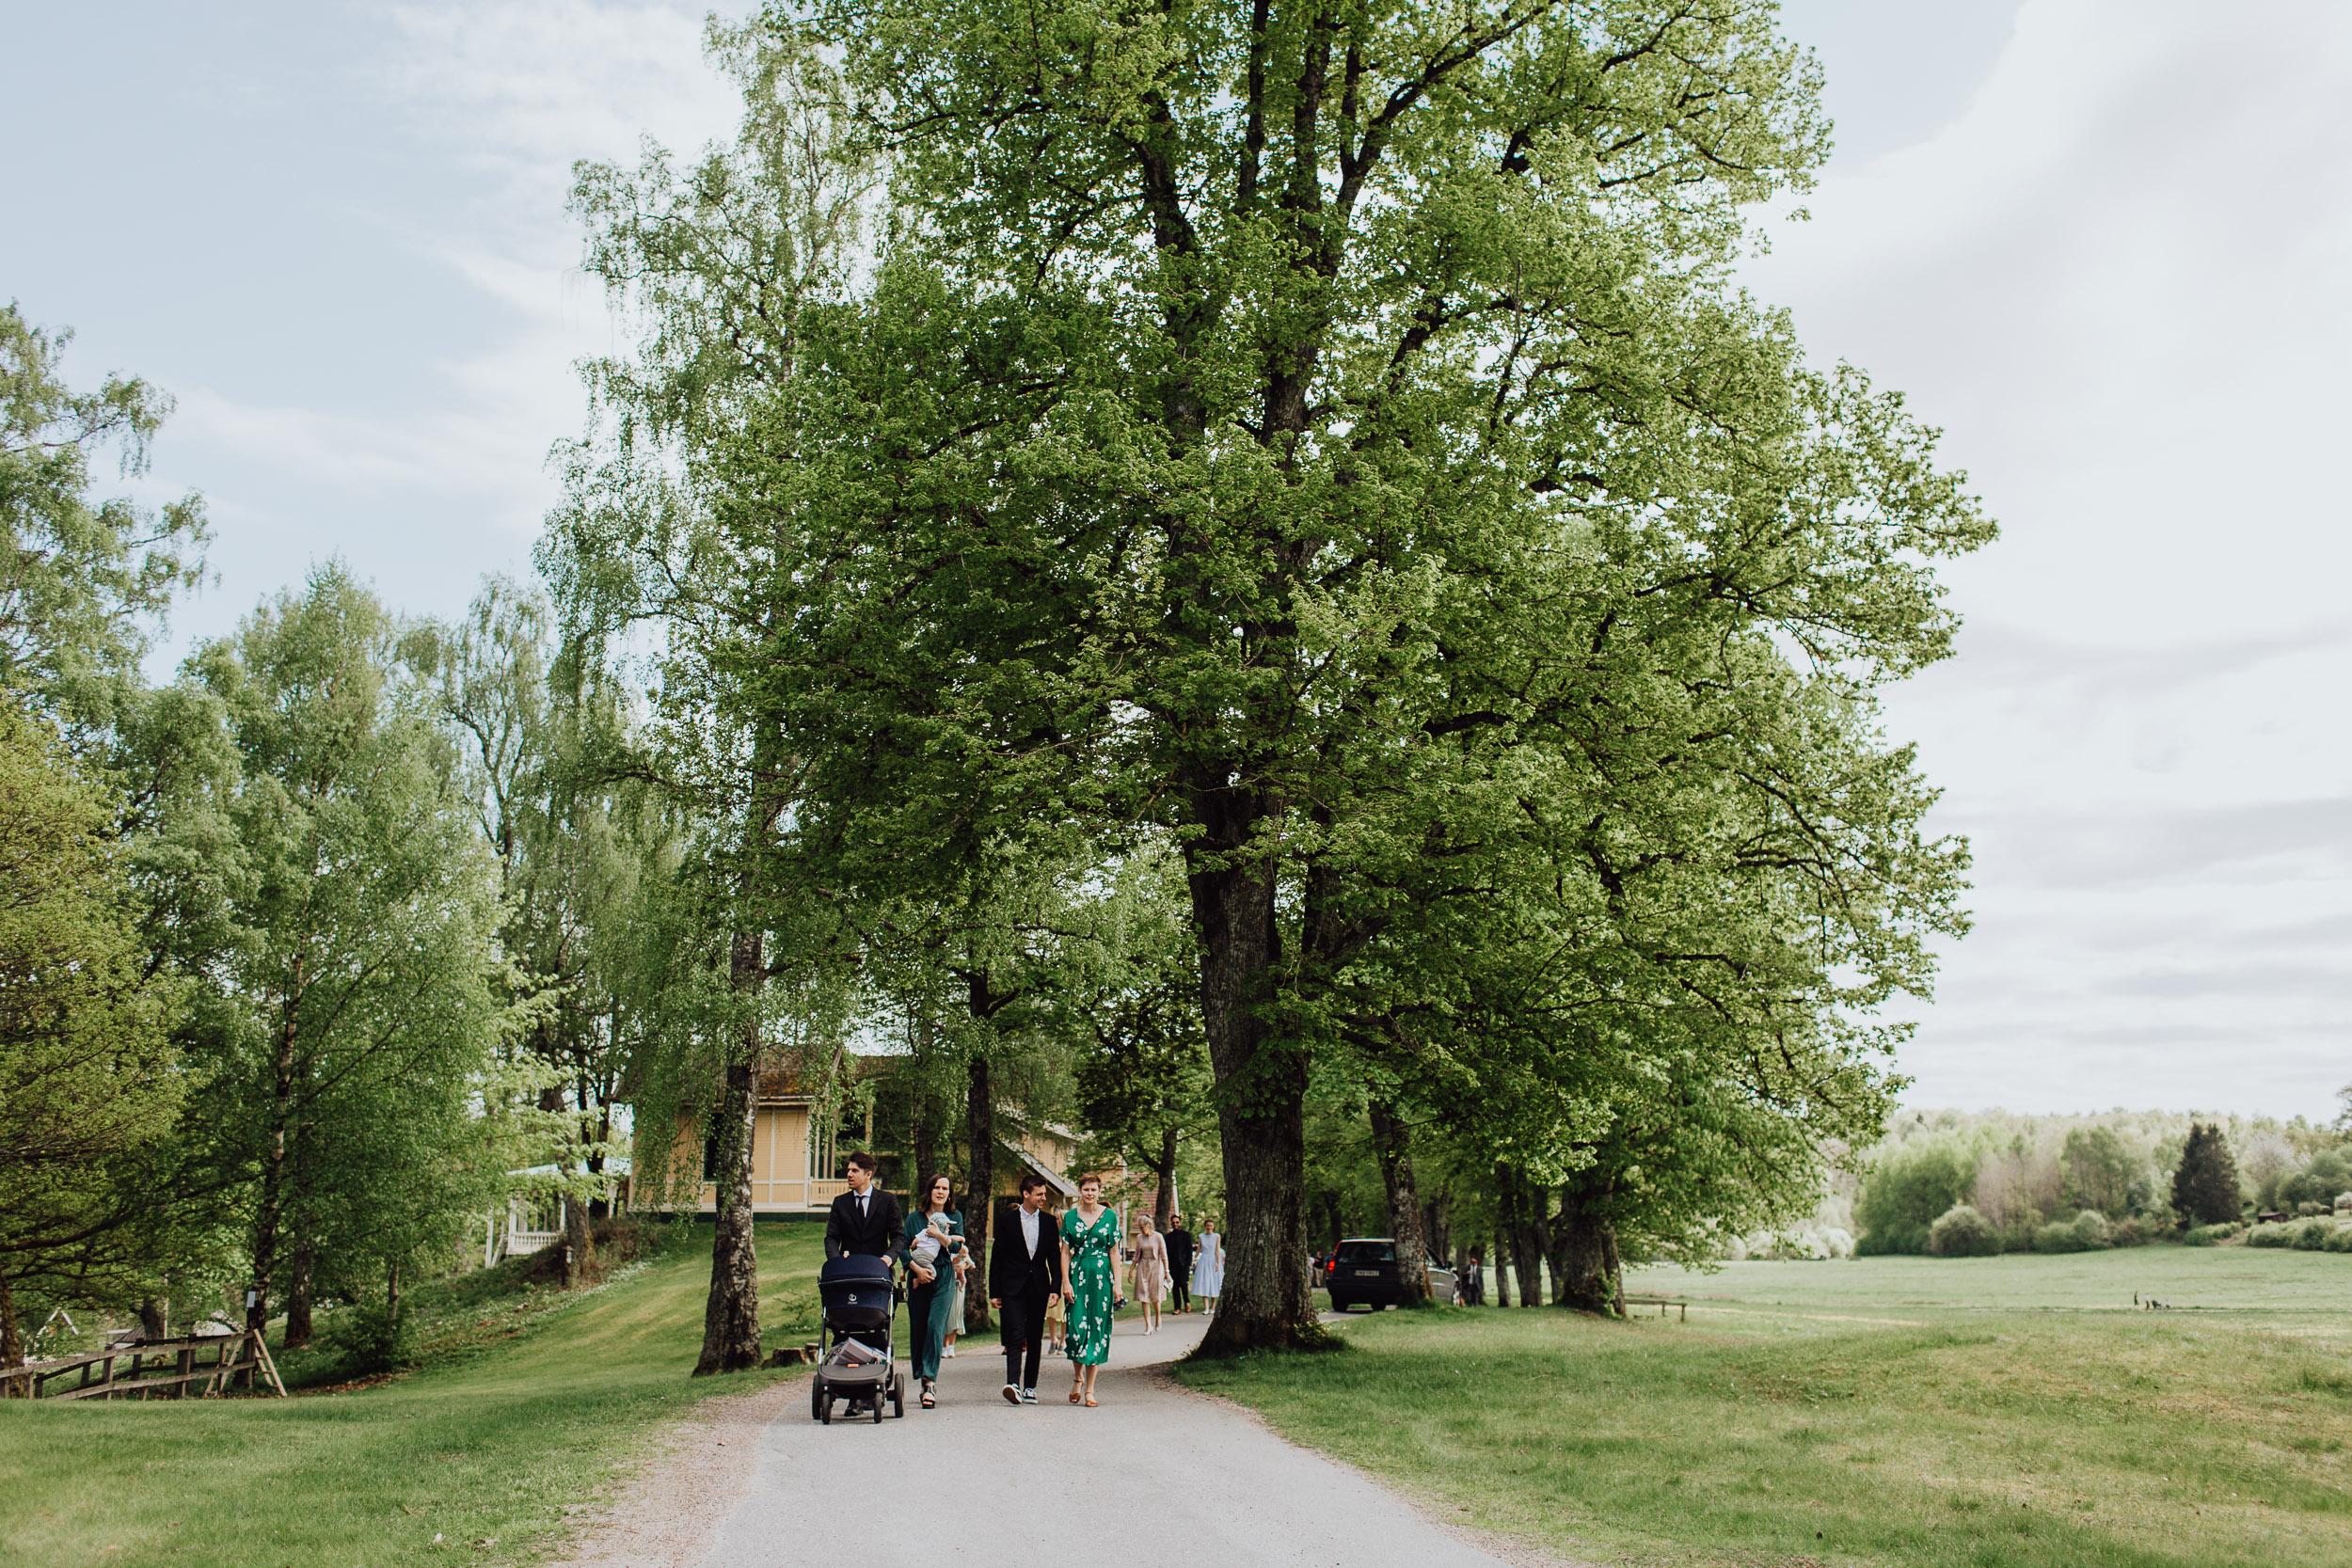 brollopsfotograf_goteborg-22.jpg